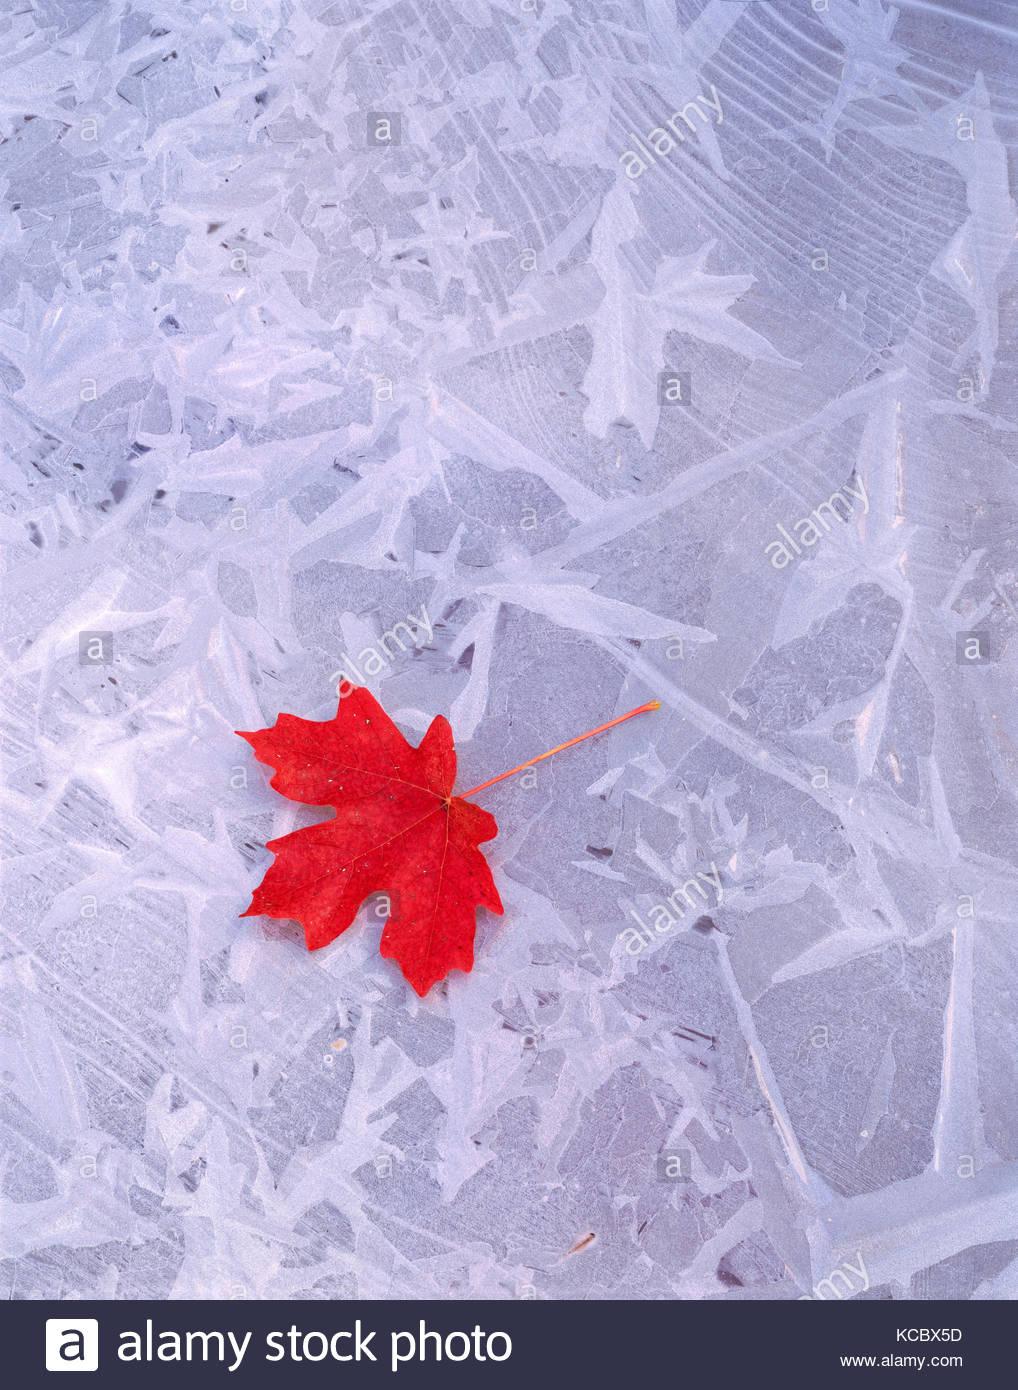 Bigtooth Maple Leaf su ghiaccio, il Parco Nazionale di Zion, Utah Immagini Stock